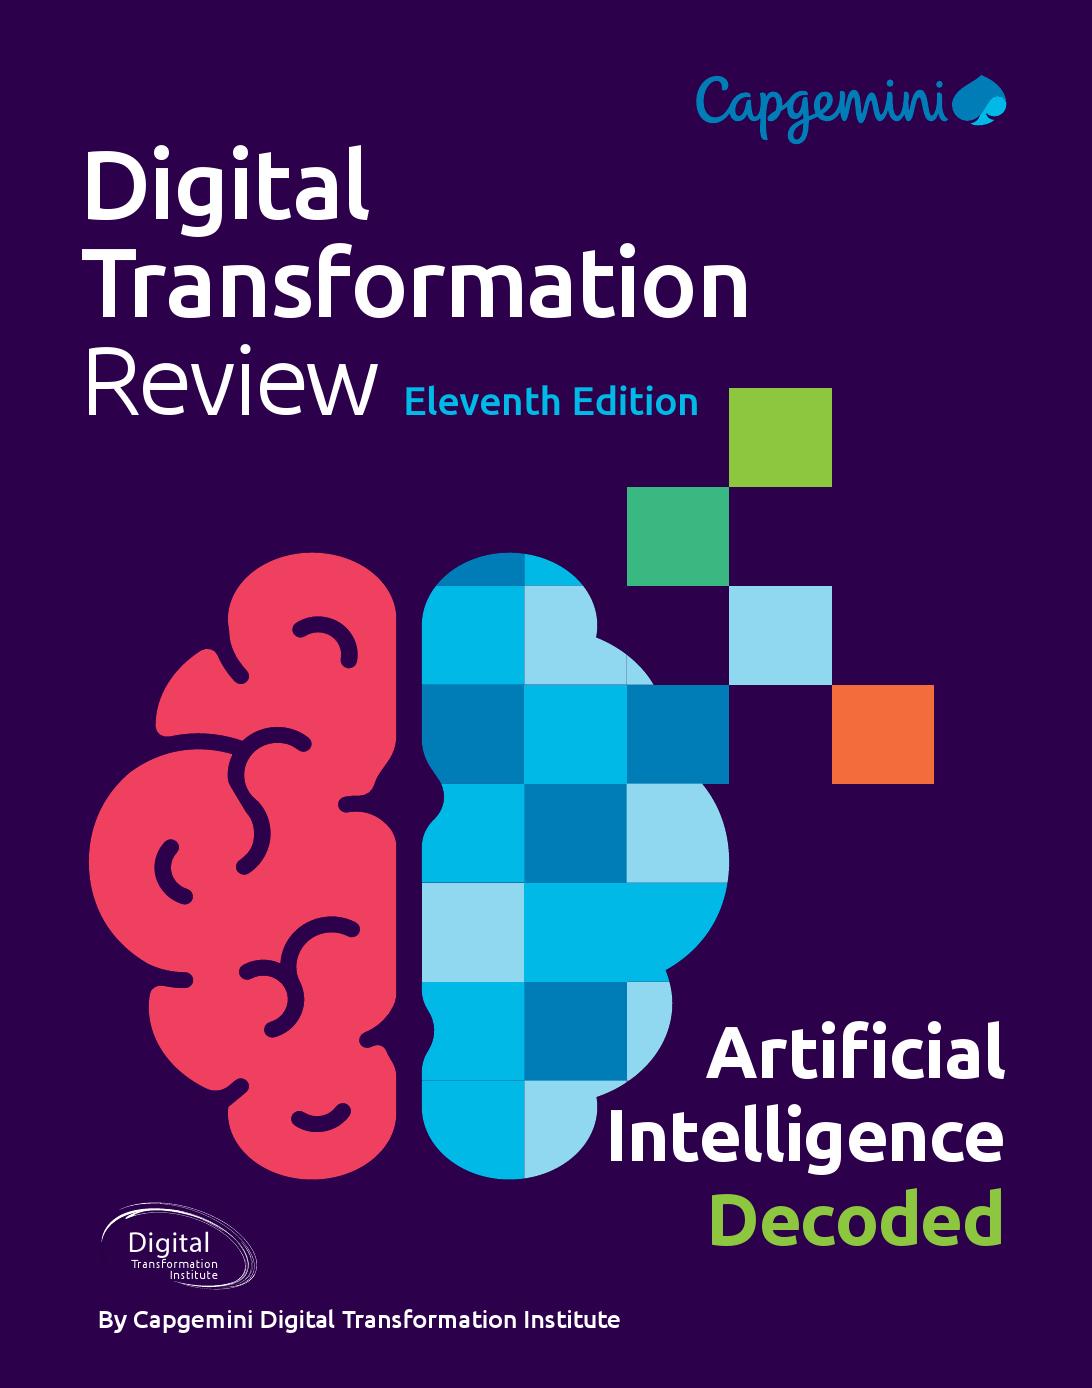 数字化转型报告:破译人工智能